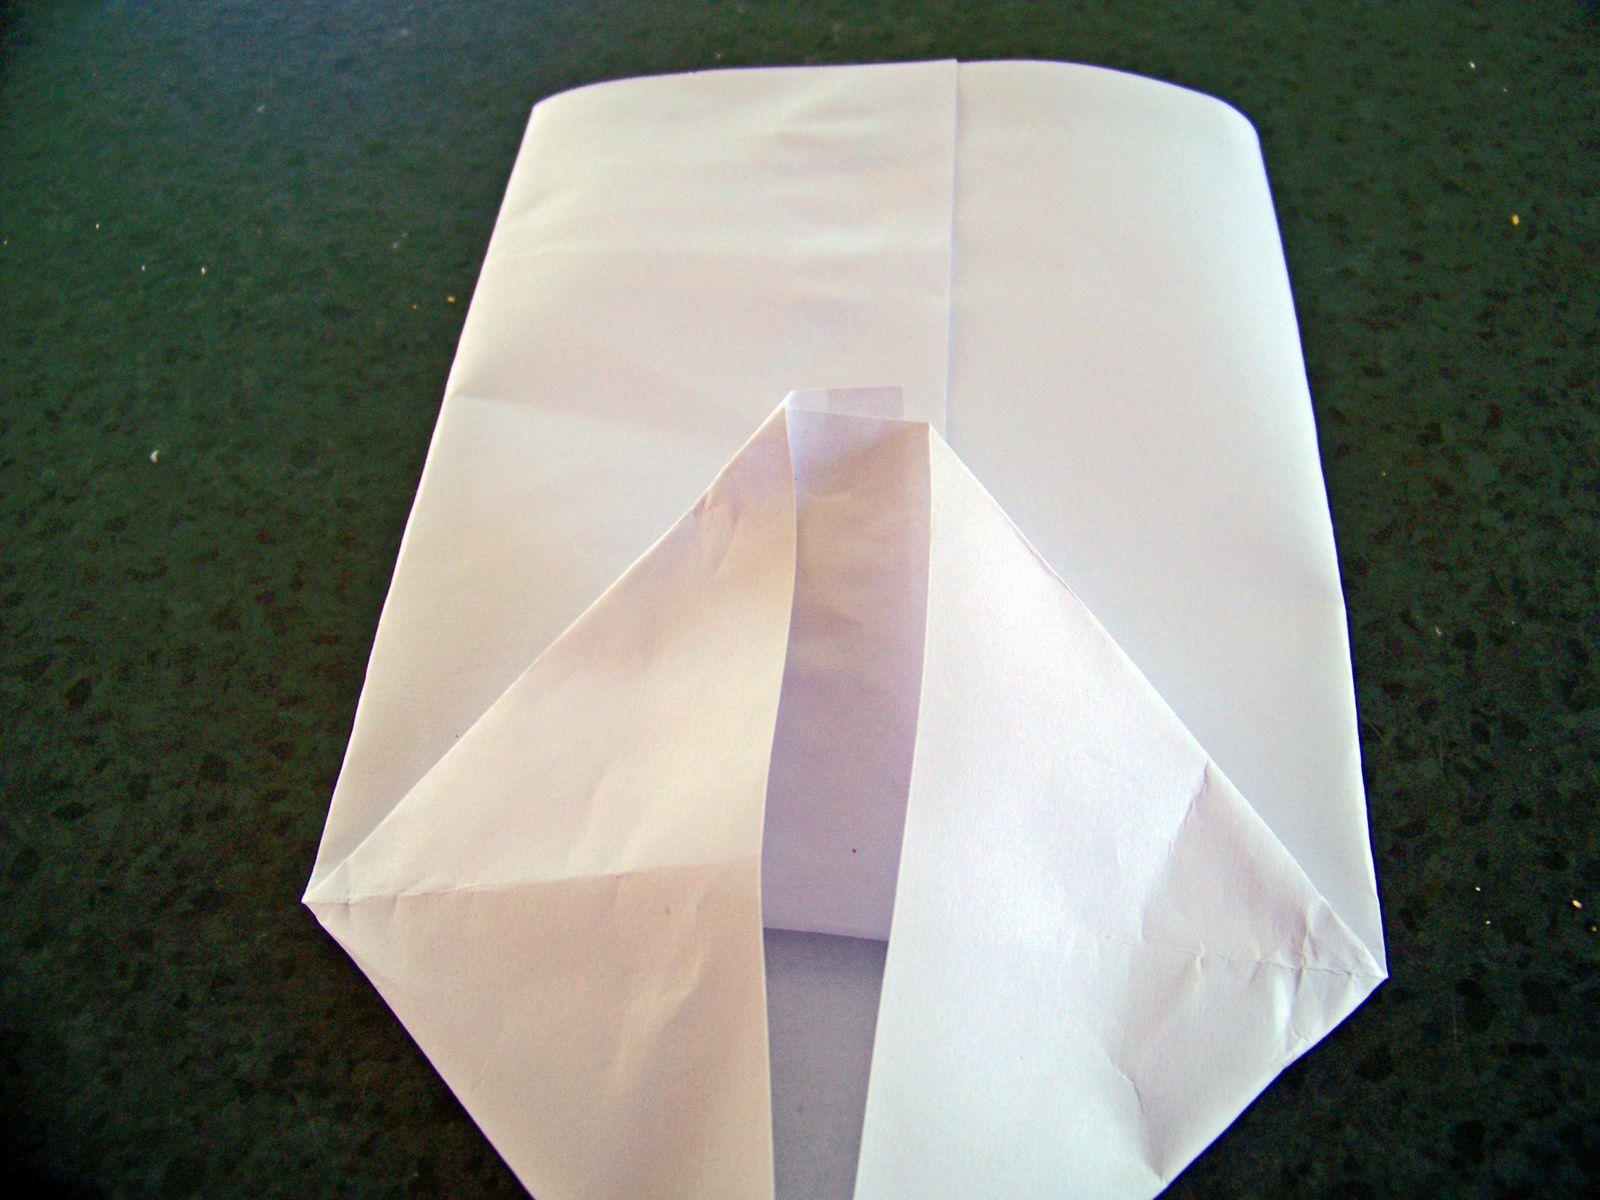 Le paper bag spécial muguet